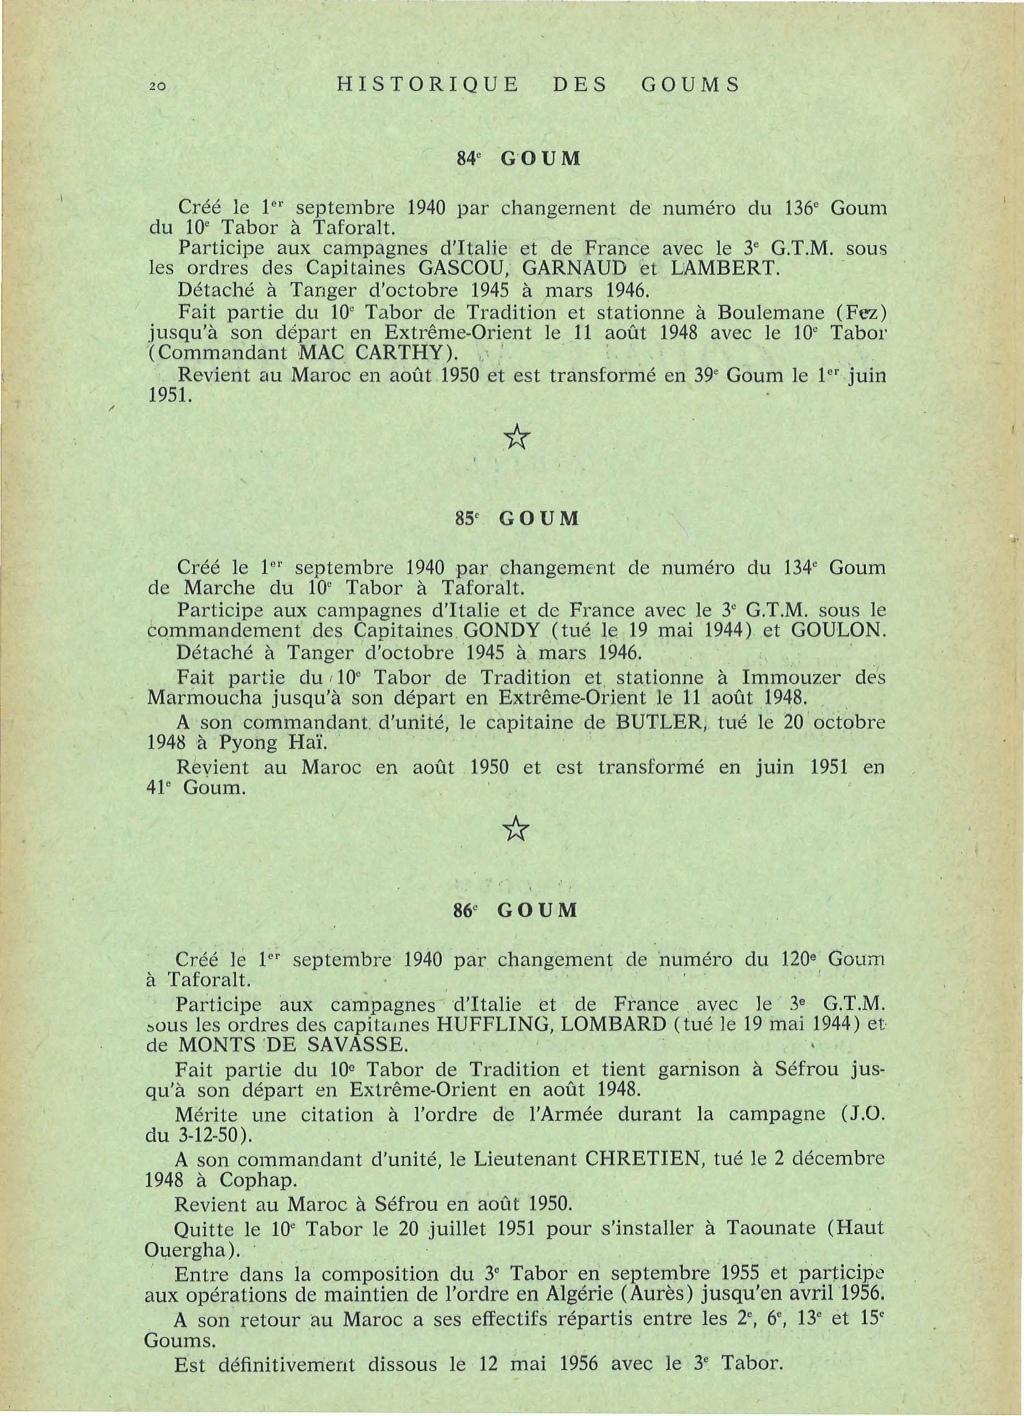 12 mai 1956 - Dissolution des Goumiers & integration aux FAR La_kou46